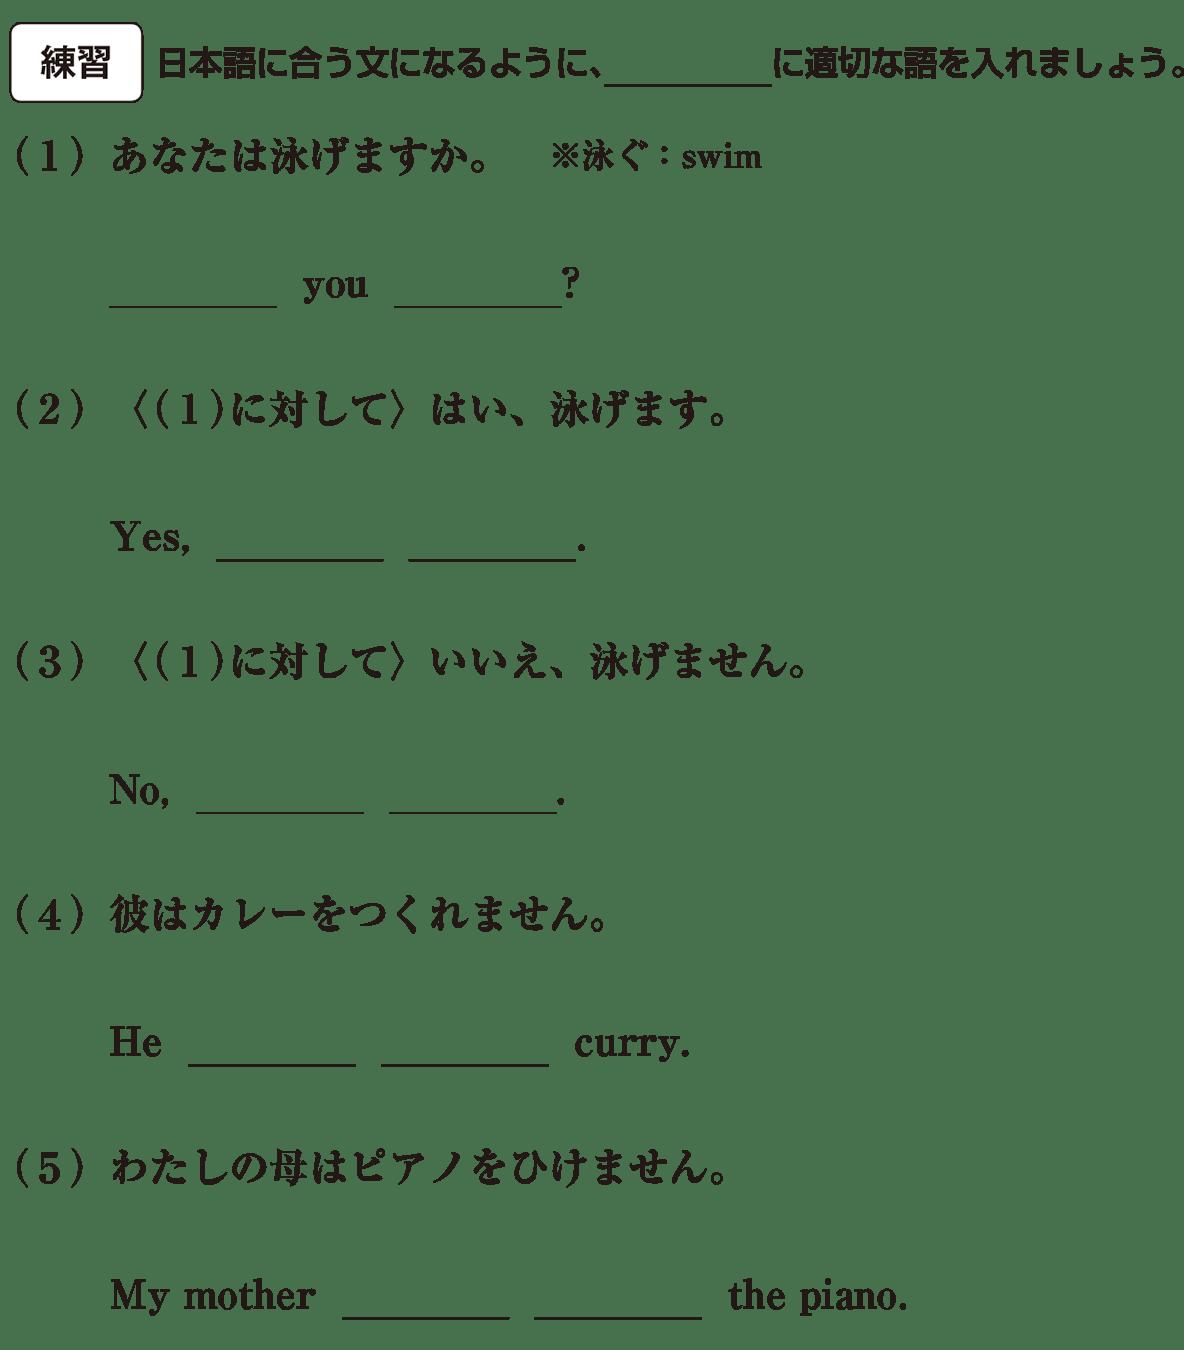 中1 英語41 練習